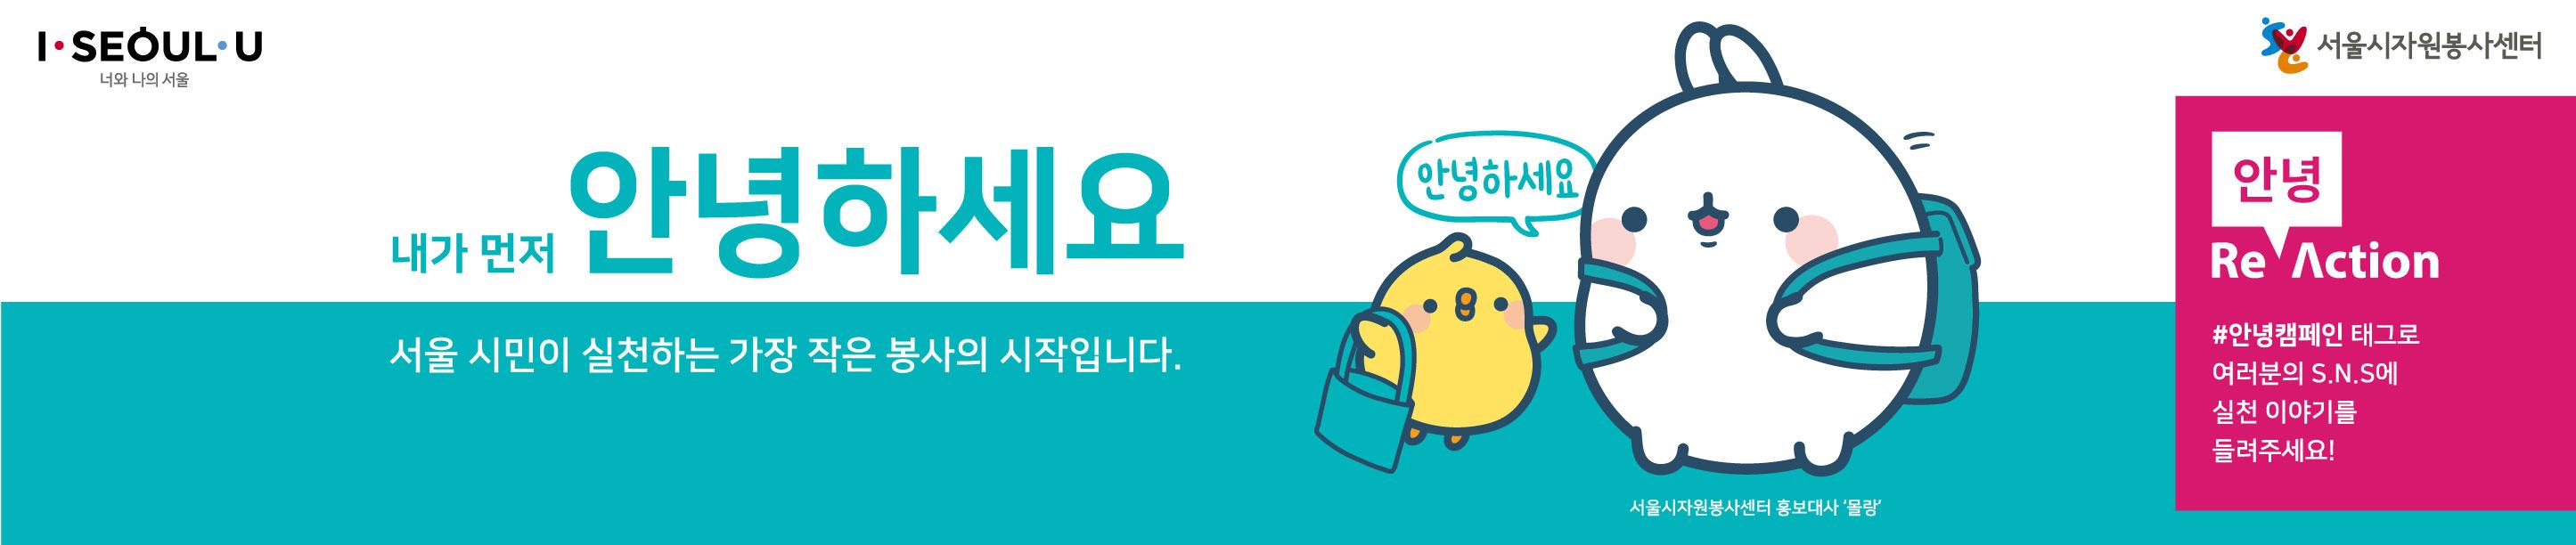 I·SEOUL·U 서울시자원봉사센터 – 내가 먼저 안녕하세요. 서울 시민이 실천하는 가장 작은 봉사의 시작입니다. Re안녕 Action #안녕캠페인 태그로 여러분의 S.N.S에 실천이야기를 들려주세요!